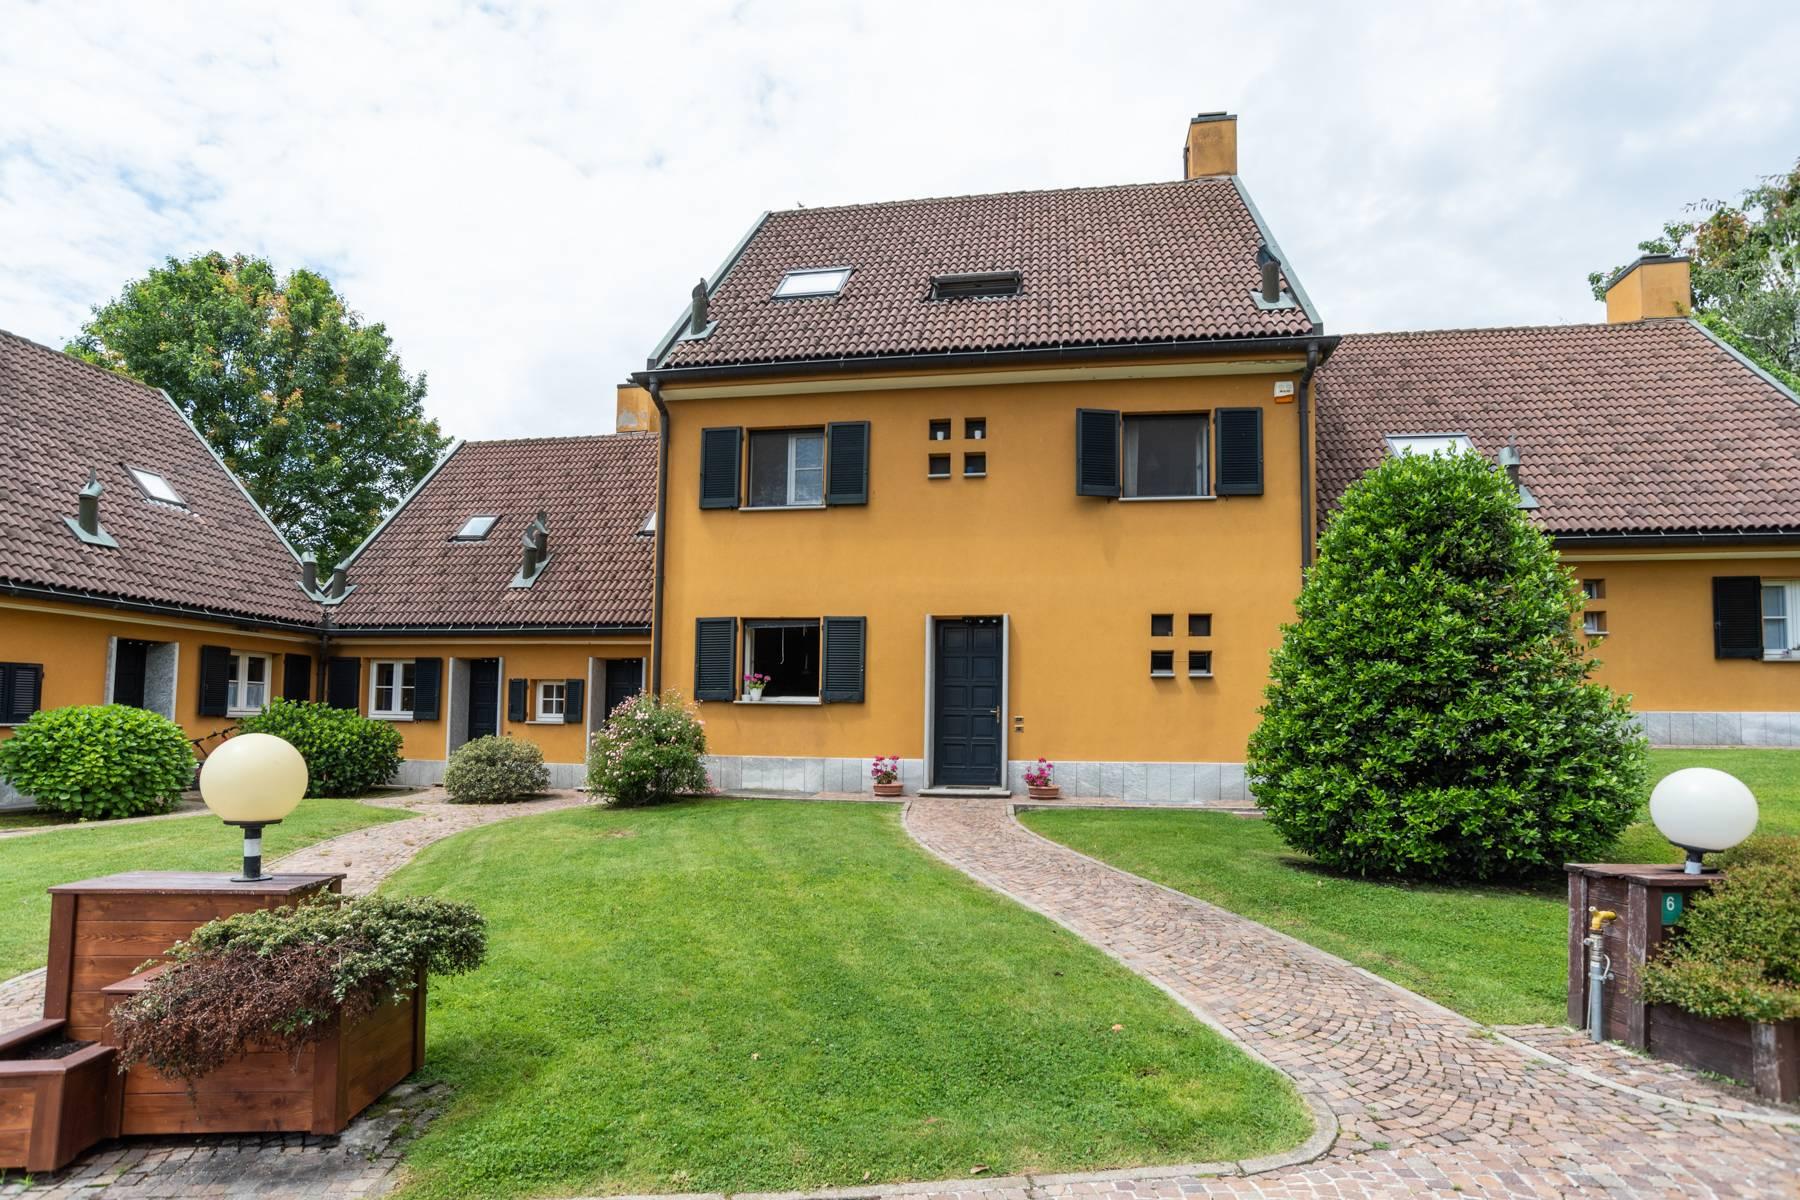 Villa in Vendita a Agrate Conturbia: 5 locali, 239 mq - Foto 24